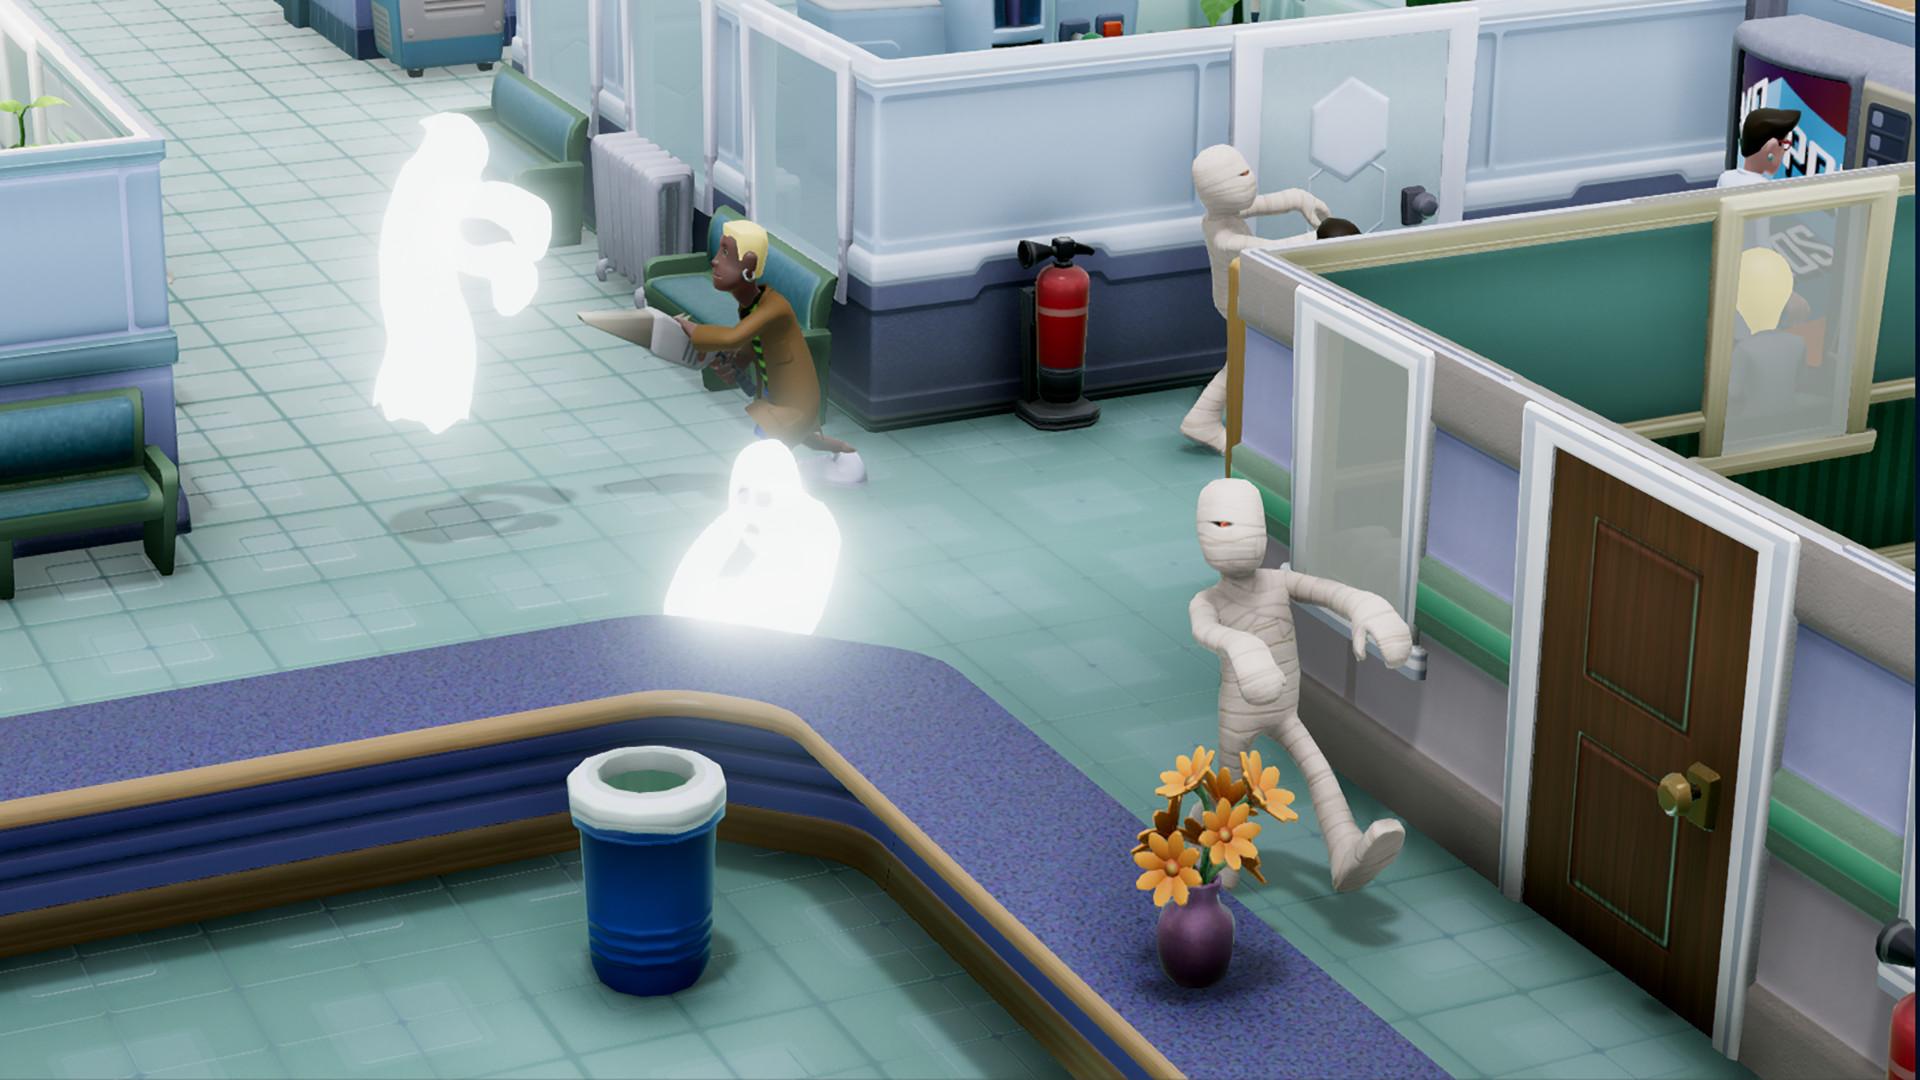 《双点医院》将迎来新更新 加入复制粘贴病房功能